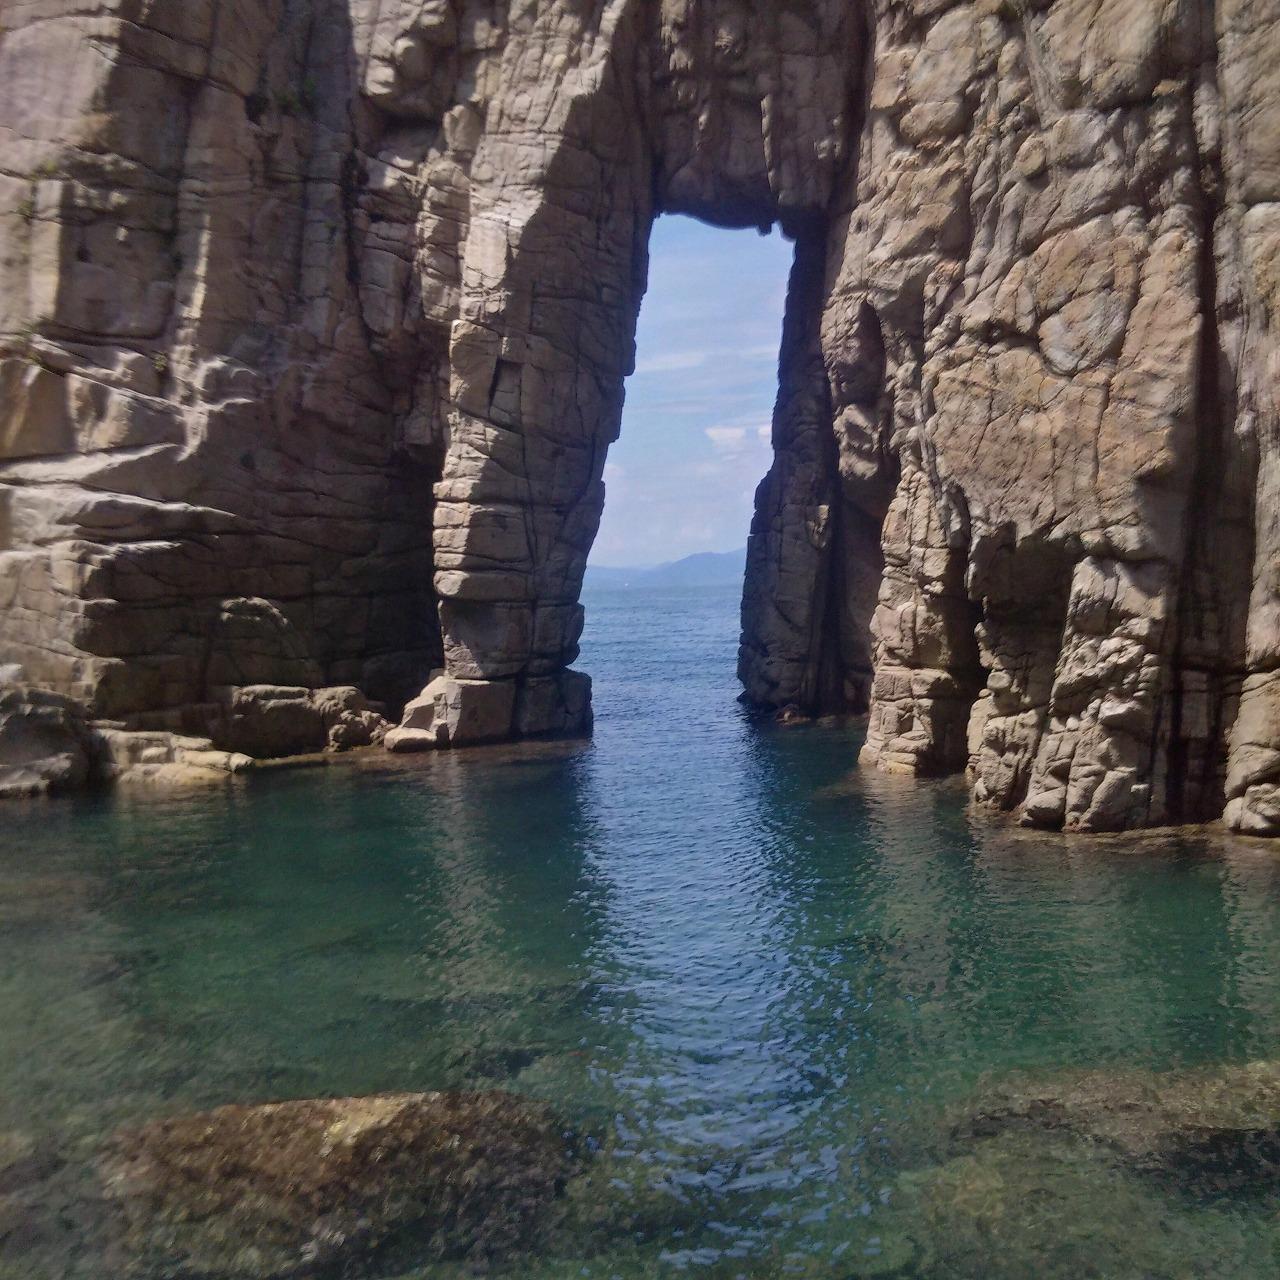 福井県の小浜湾から蘇洞門(そとも)をカヤックで見に行ったらイルカがめっちゃいた